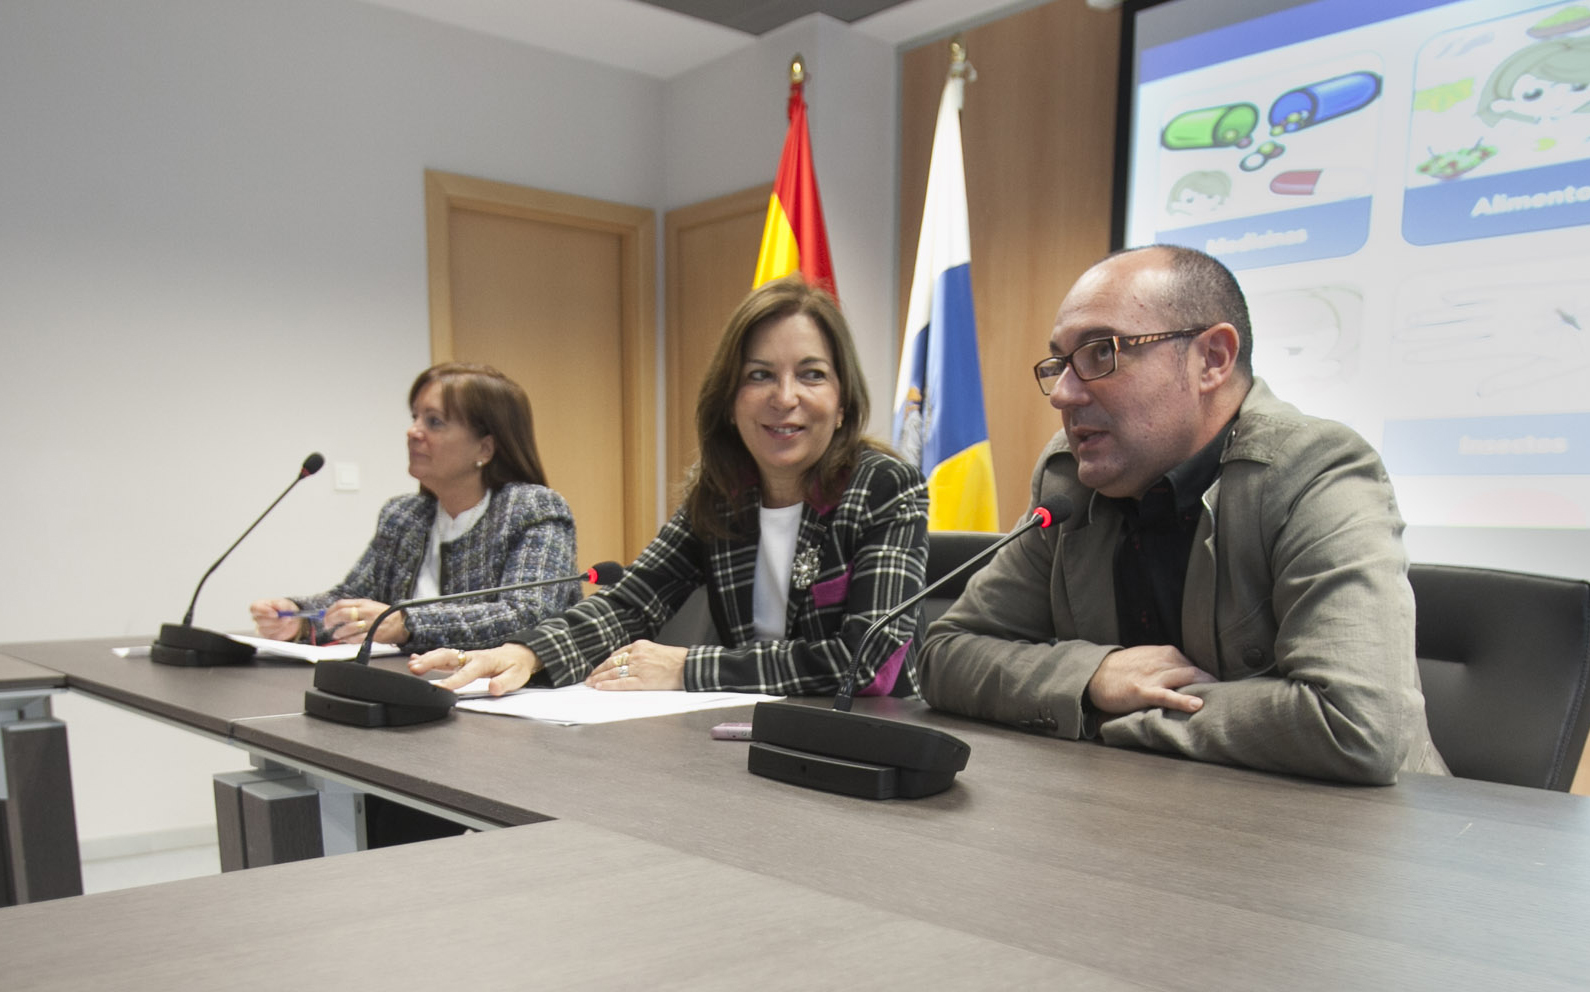 El creador de la aplicación, junto a la consejera de Sanidad del Gobierno de Canarias, durante la presentación de Hipot CNV